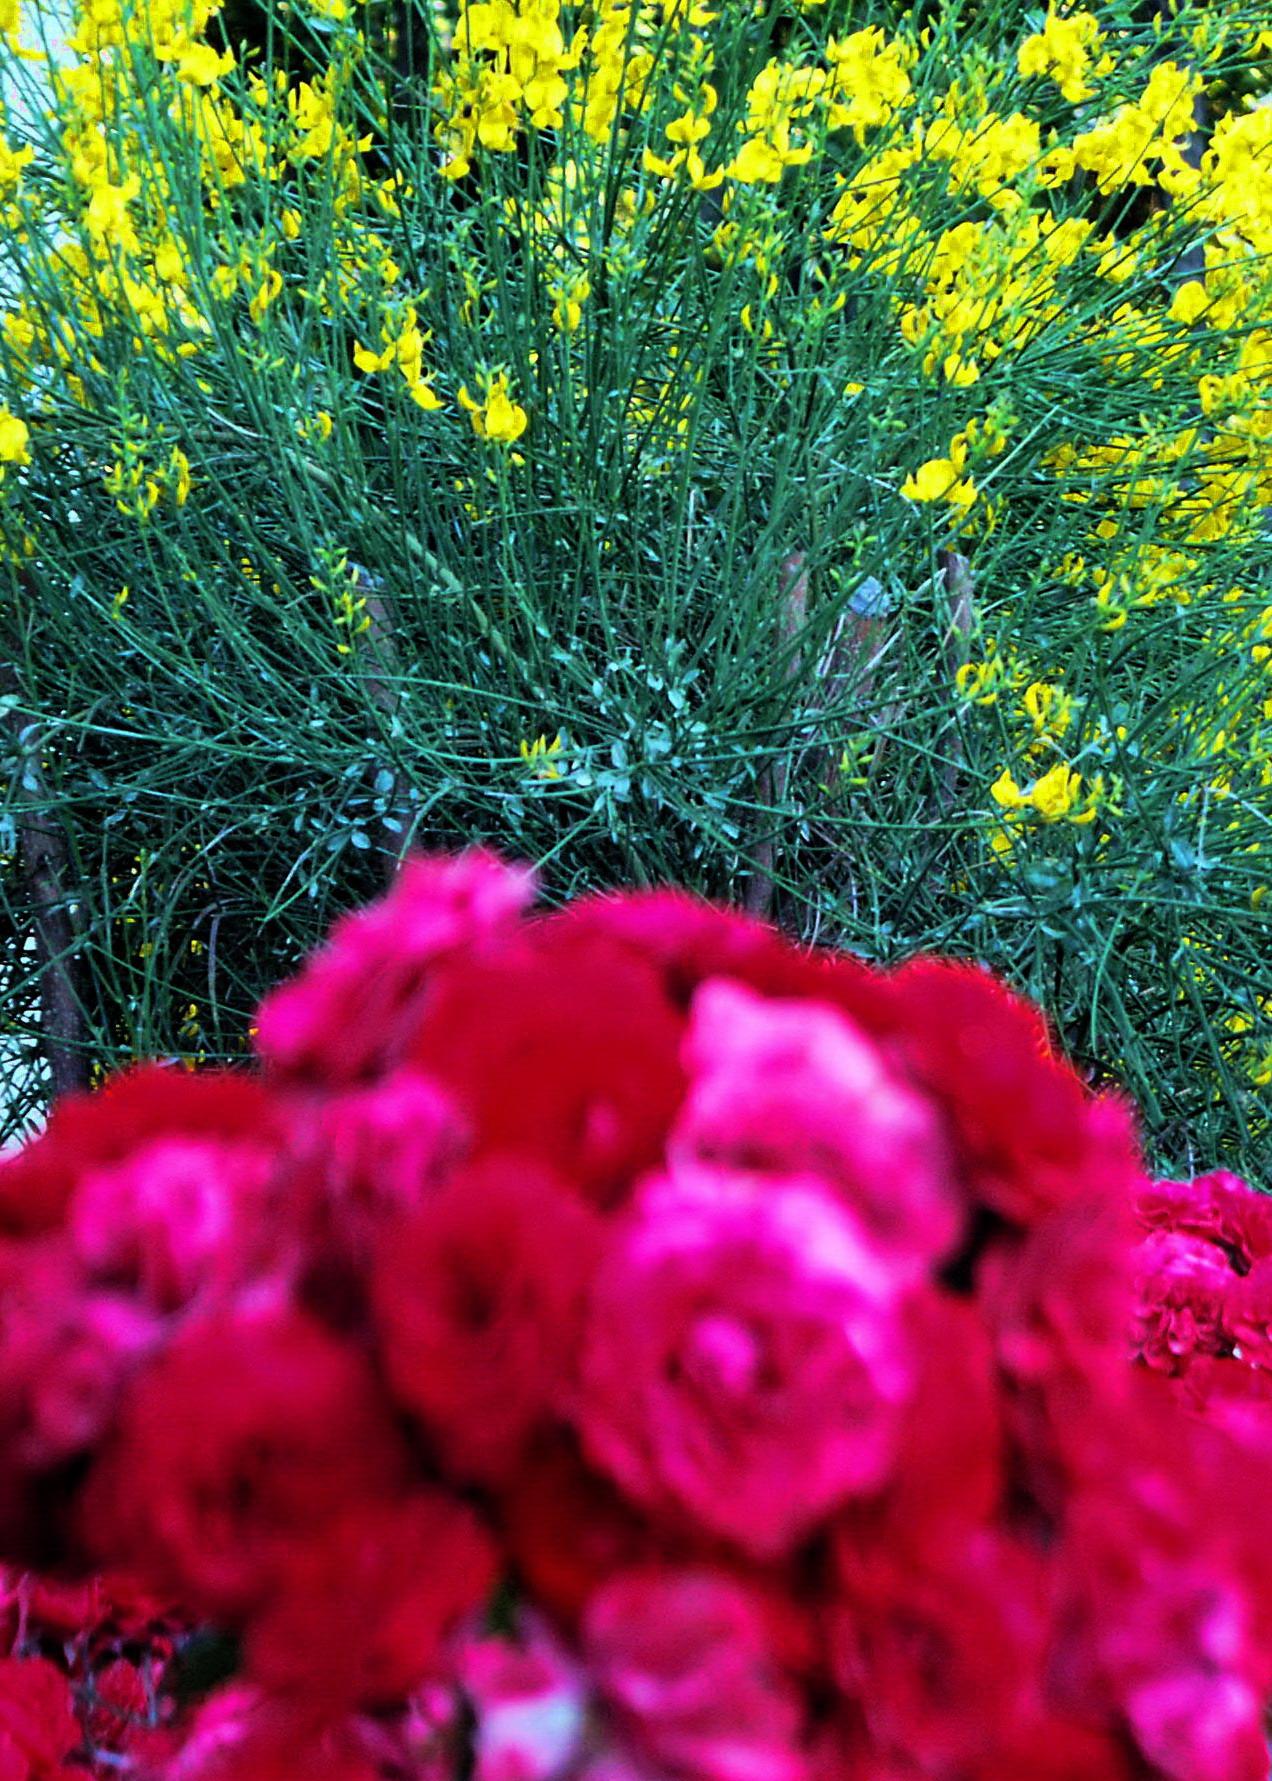 magasin en ligne 53b4e 2addf File:亞崴農旅店 Hotel Mercure Avignon - panoramio.jpg ...